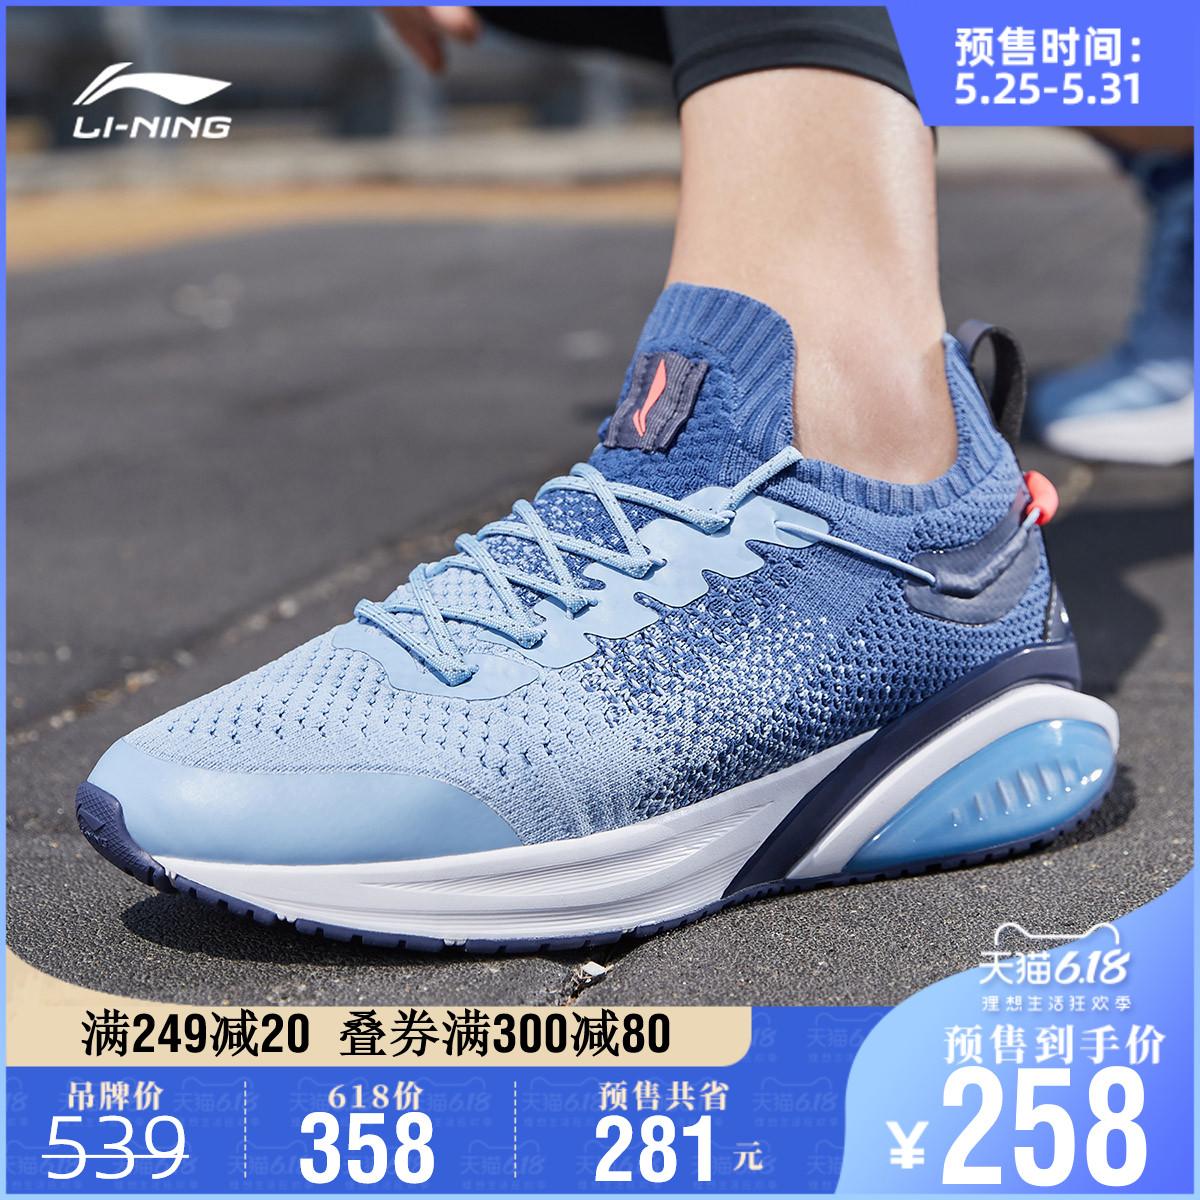 【618预售】李宁跑步鞋男鞋官方透气网面减震破风者跑鞋男运动鞋图片